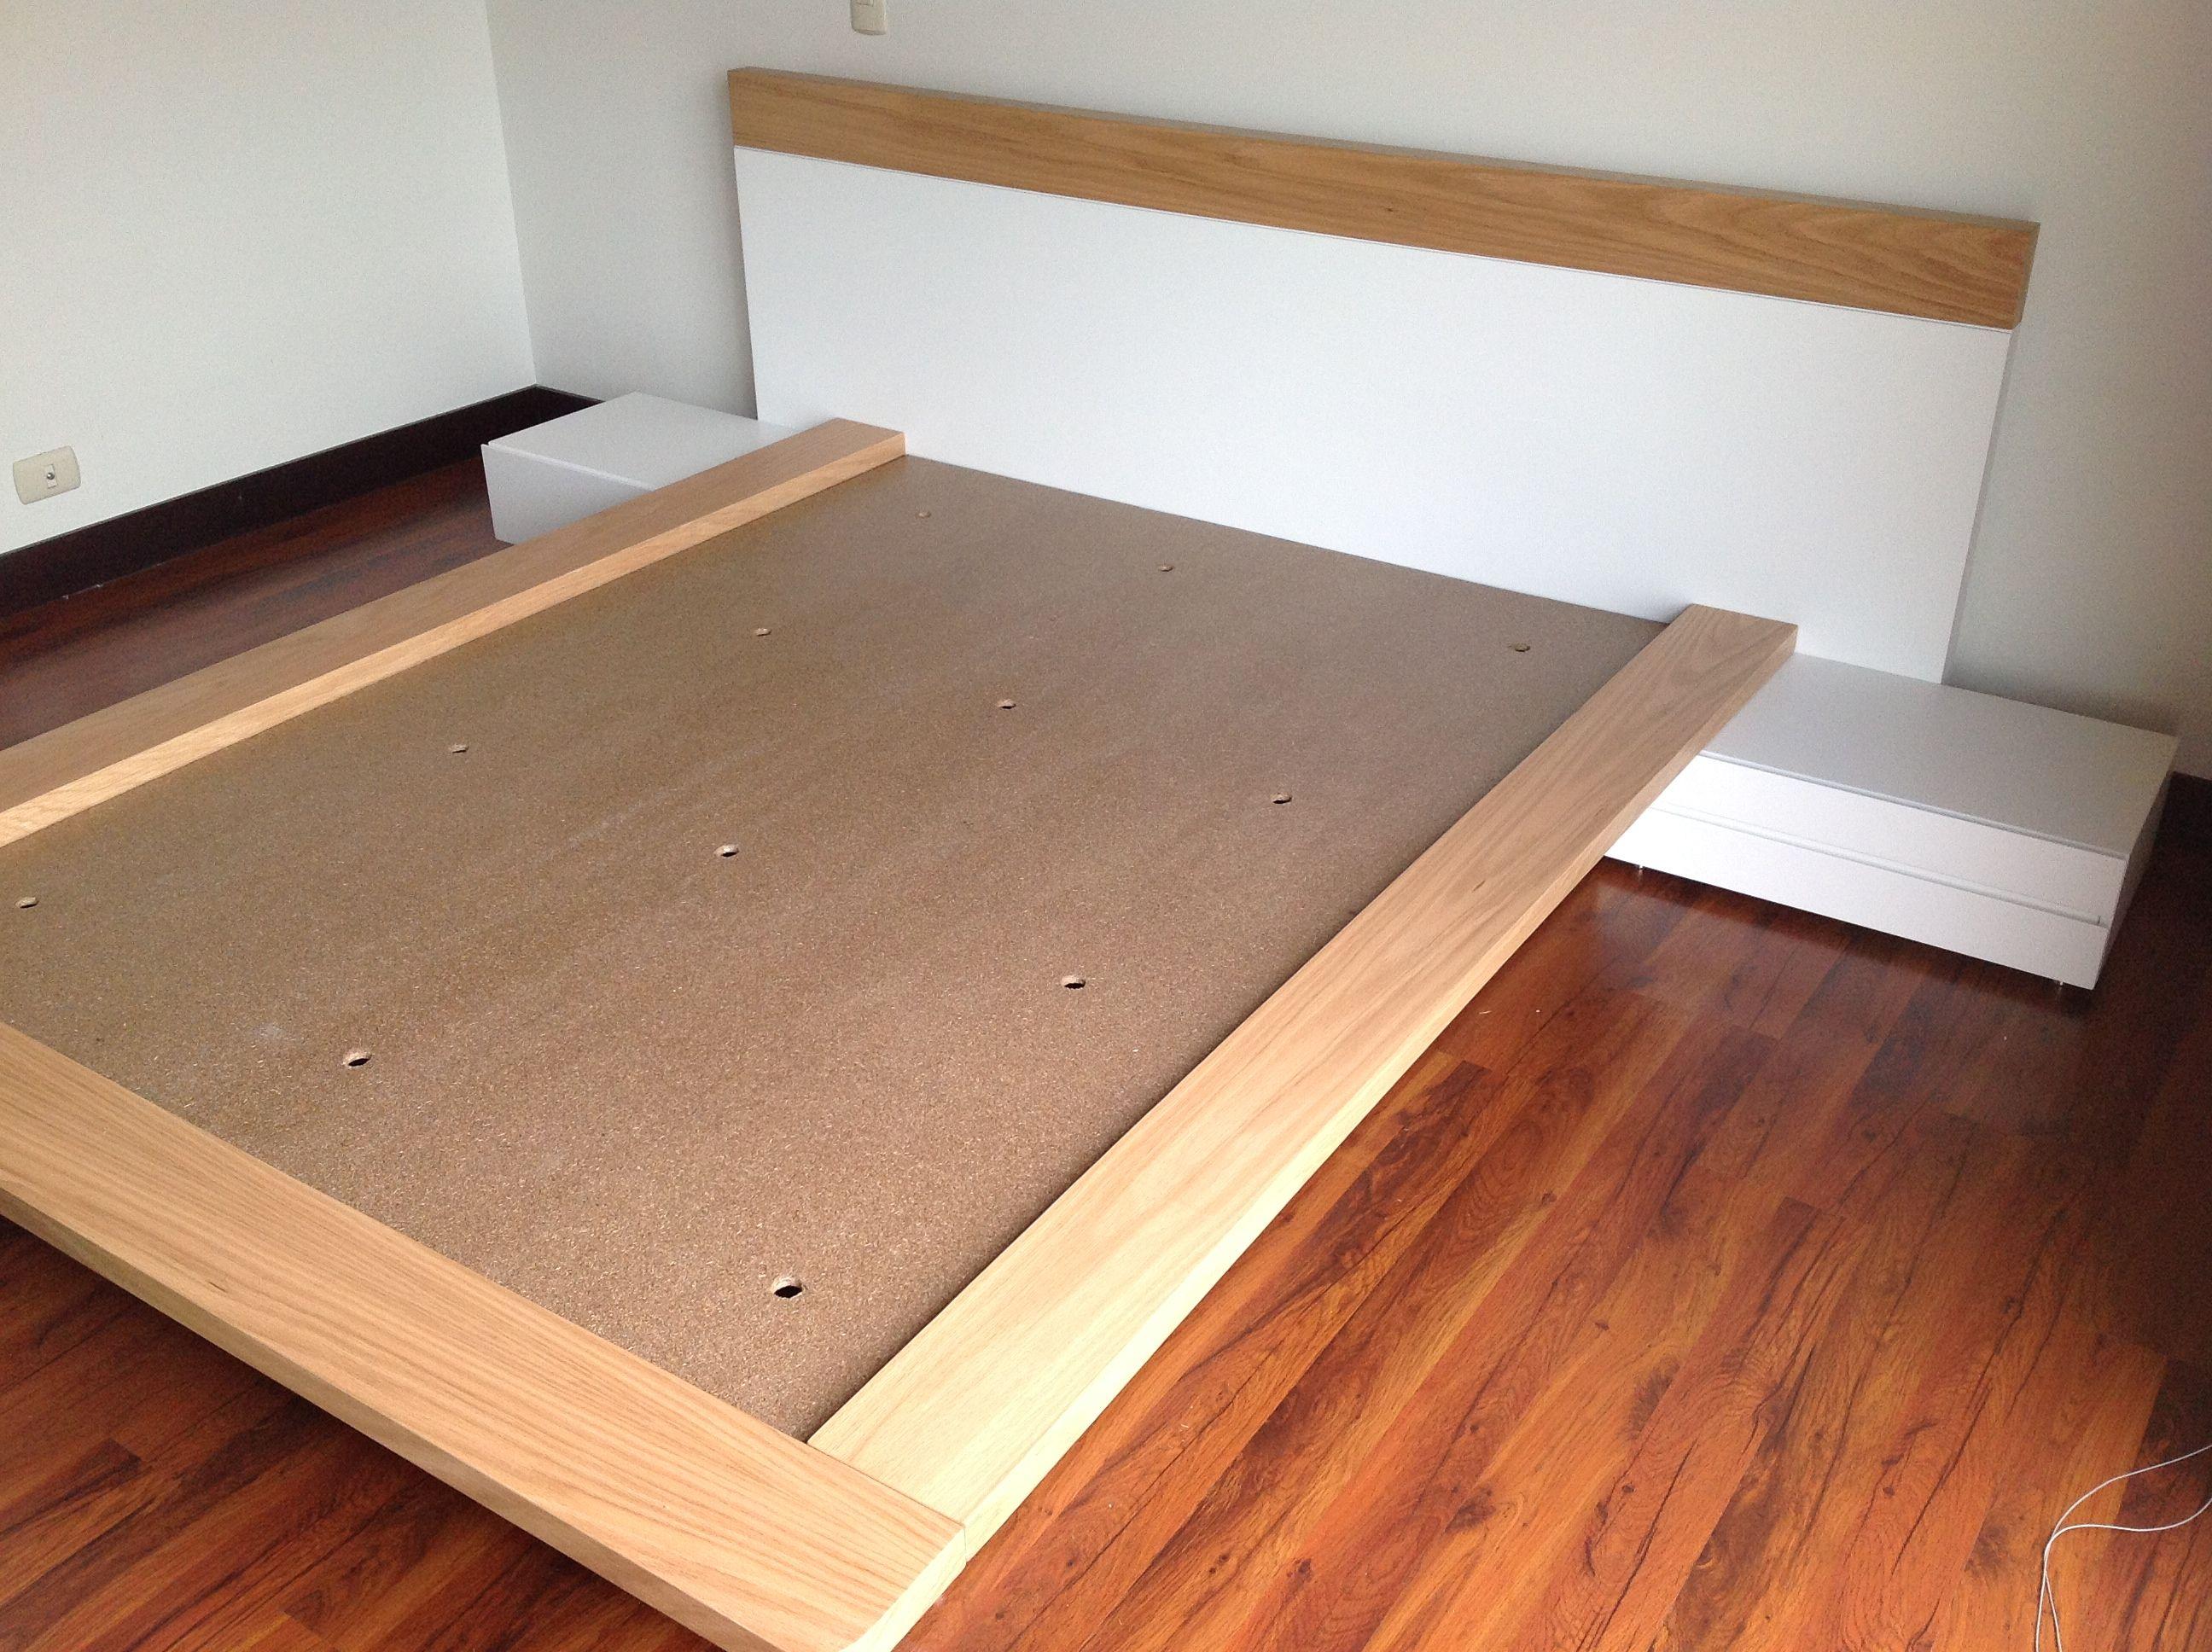 diseño y fabricación de cama moderna en roble europeo y poliuretano ...